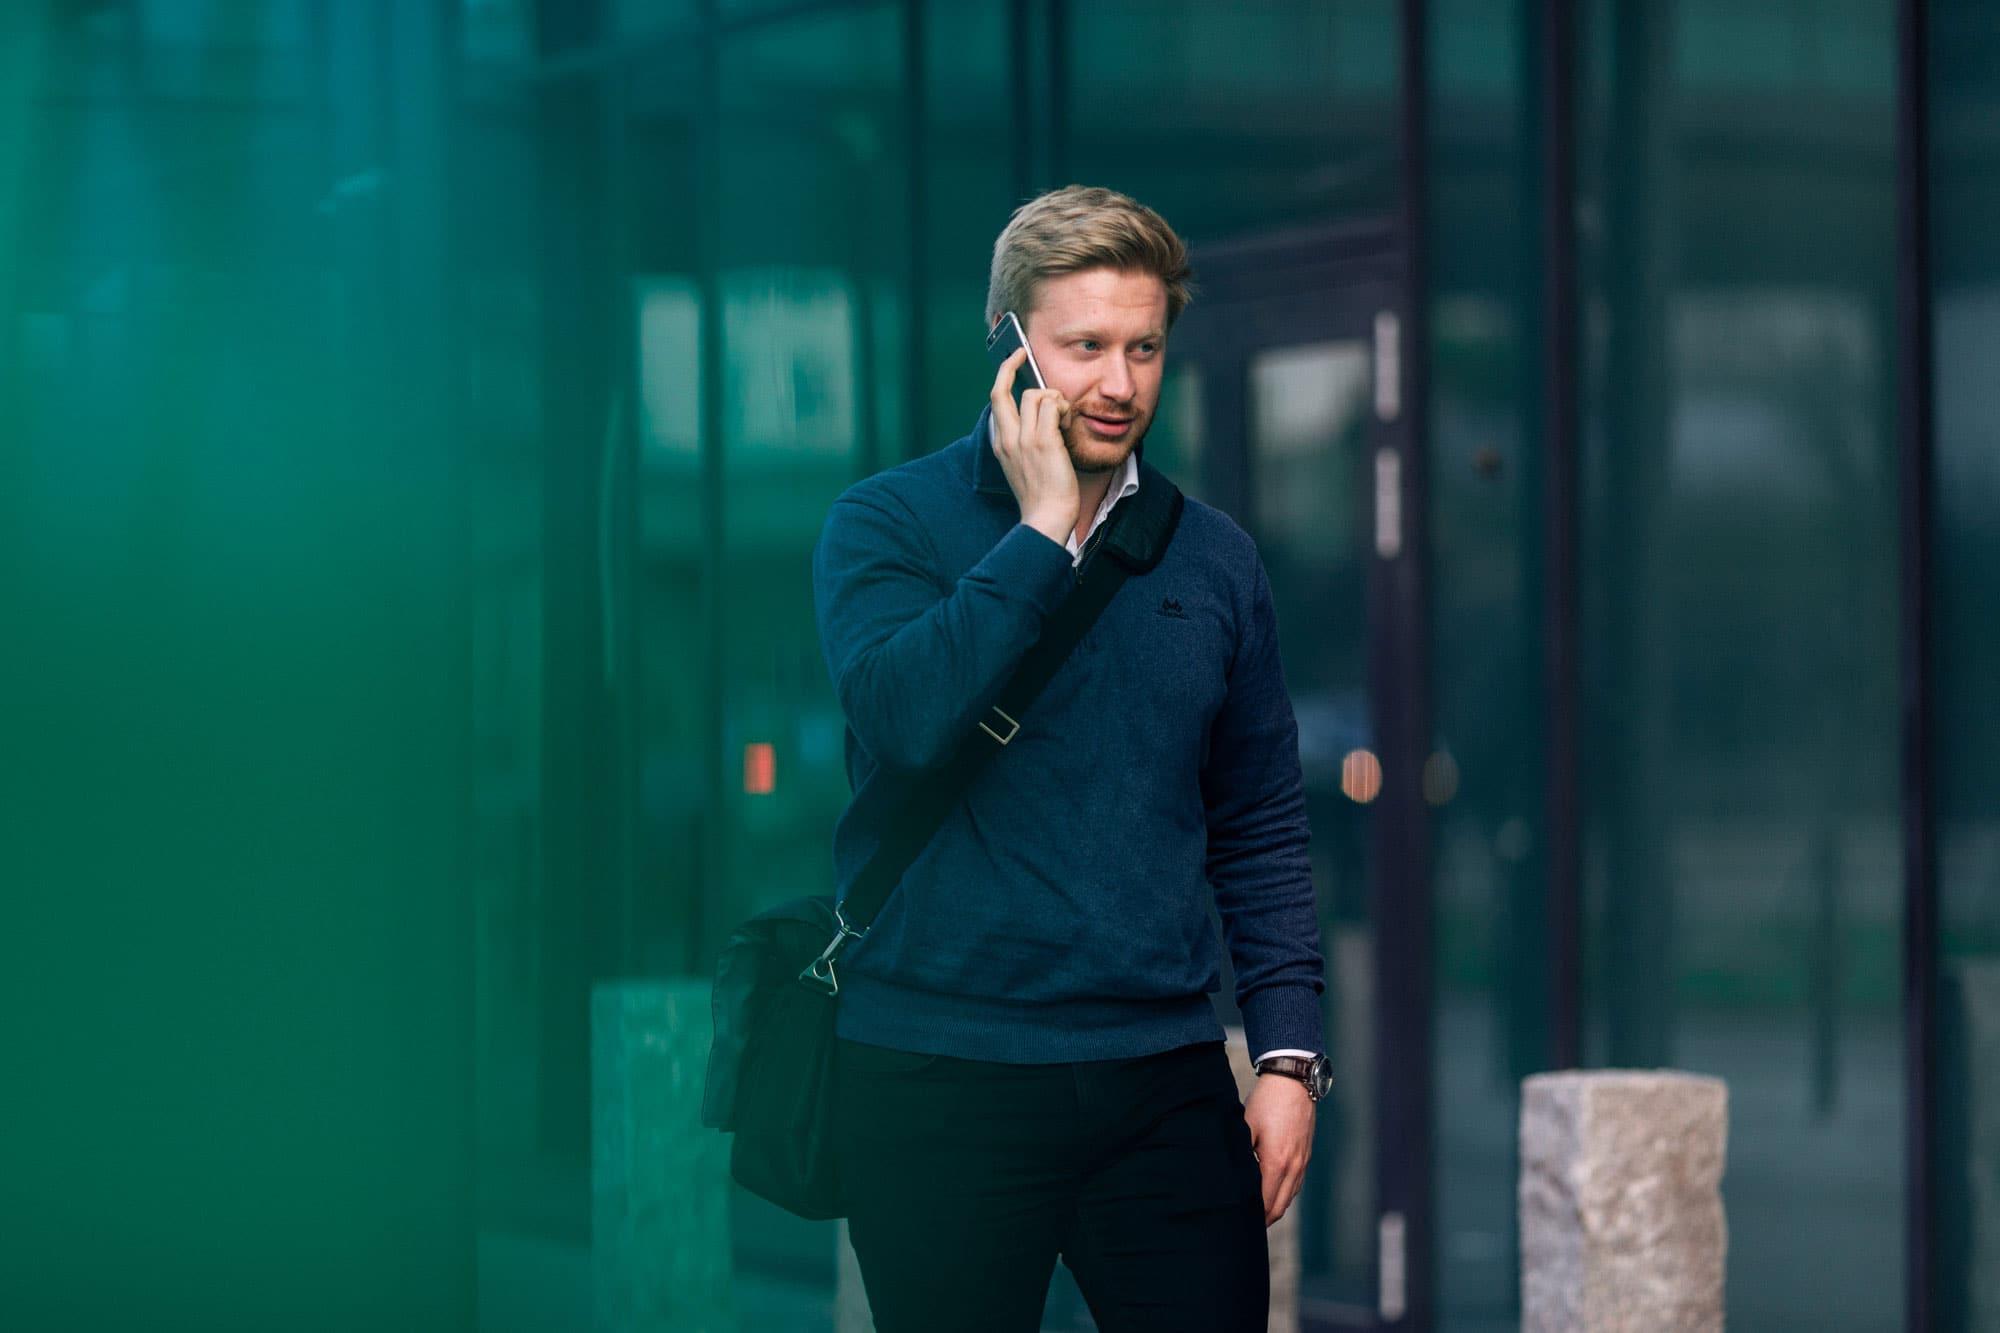 Mann går ute og snakker i telefonen